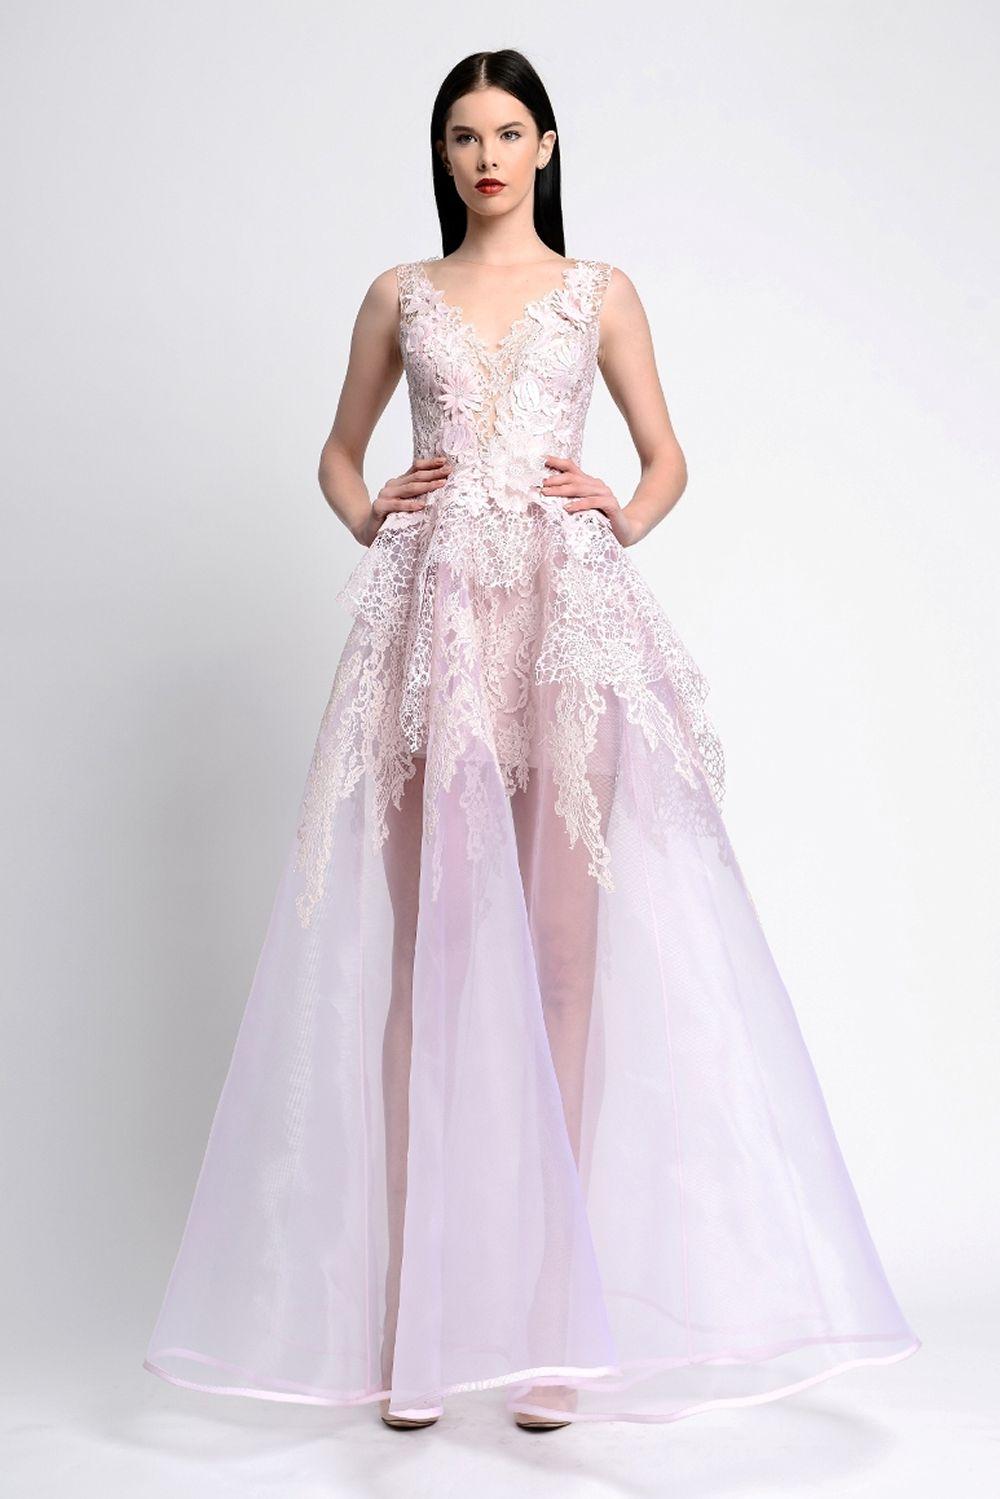 eb16eca7f610 Negozi abiti da sposa tricesimo – Modelli alla moda di abiti 2018